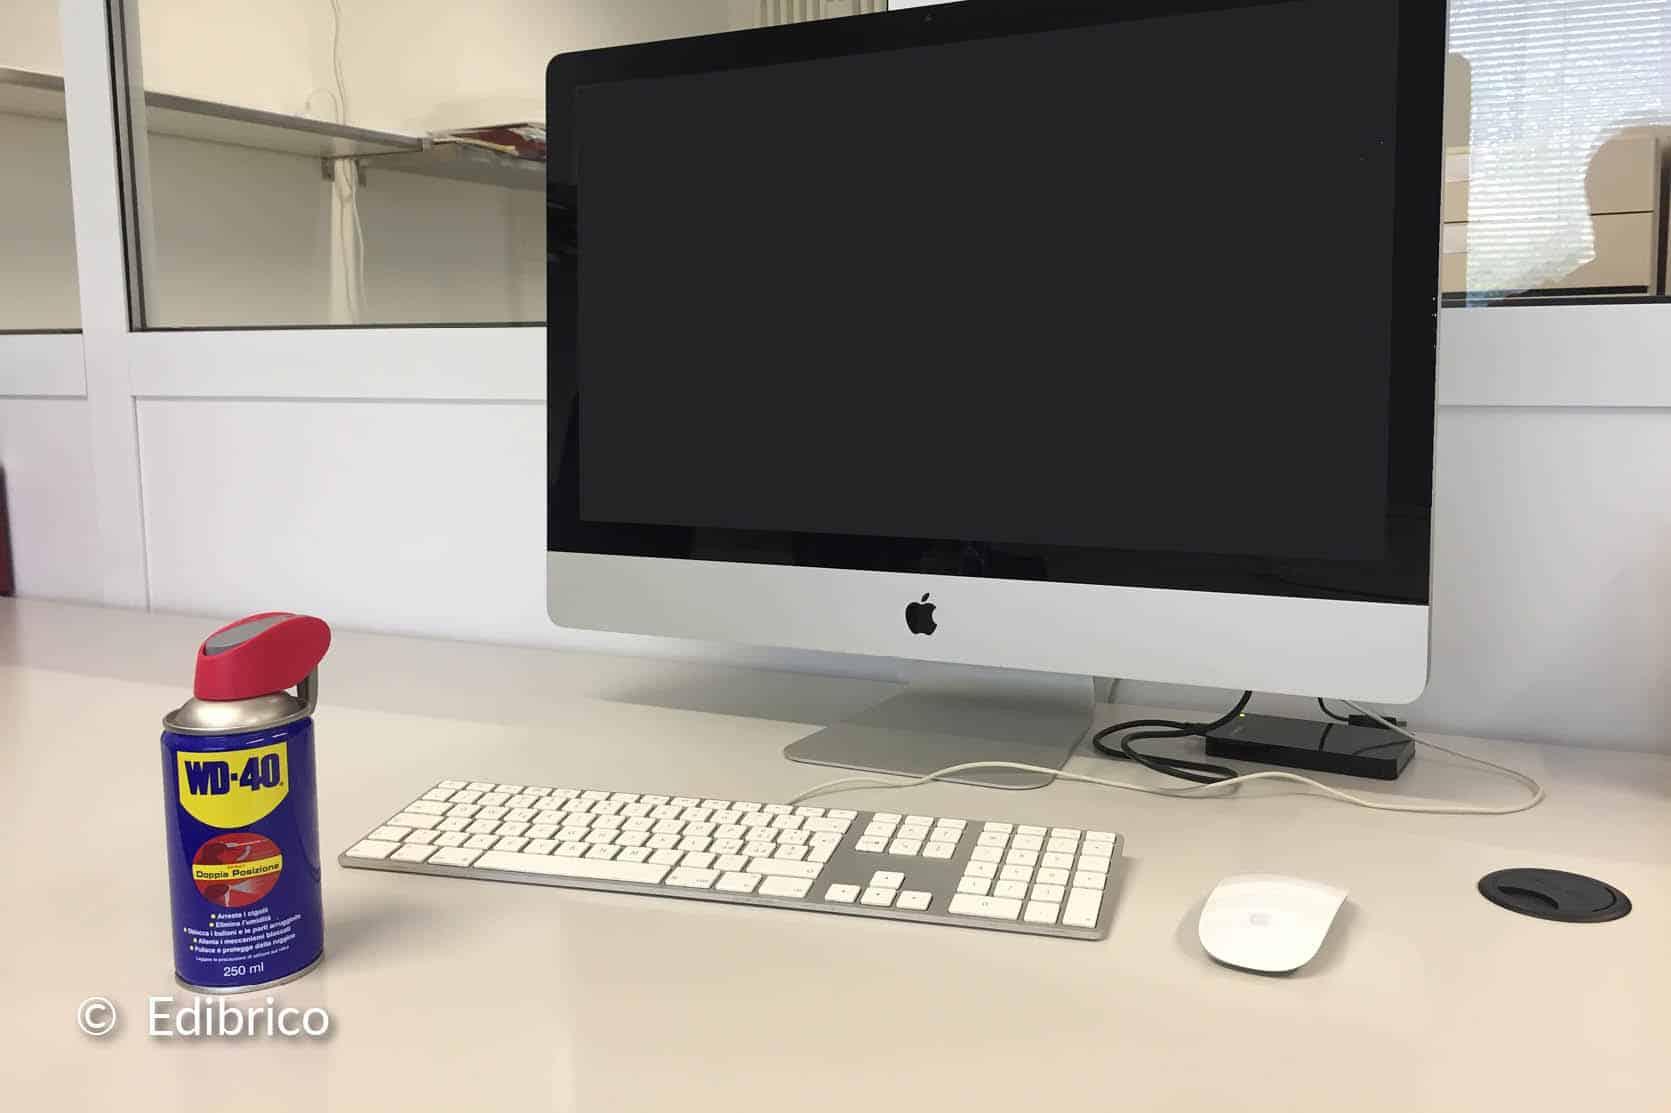 De monitor en aansluitingen van de computer reinigen